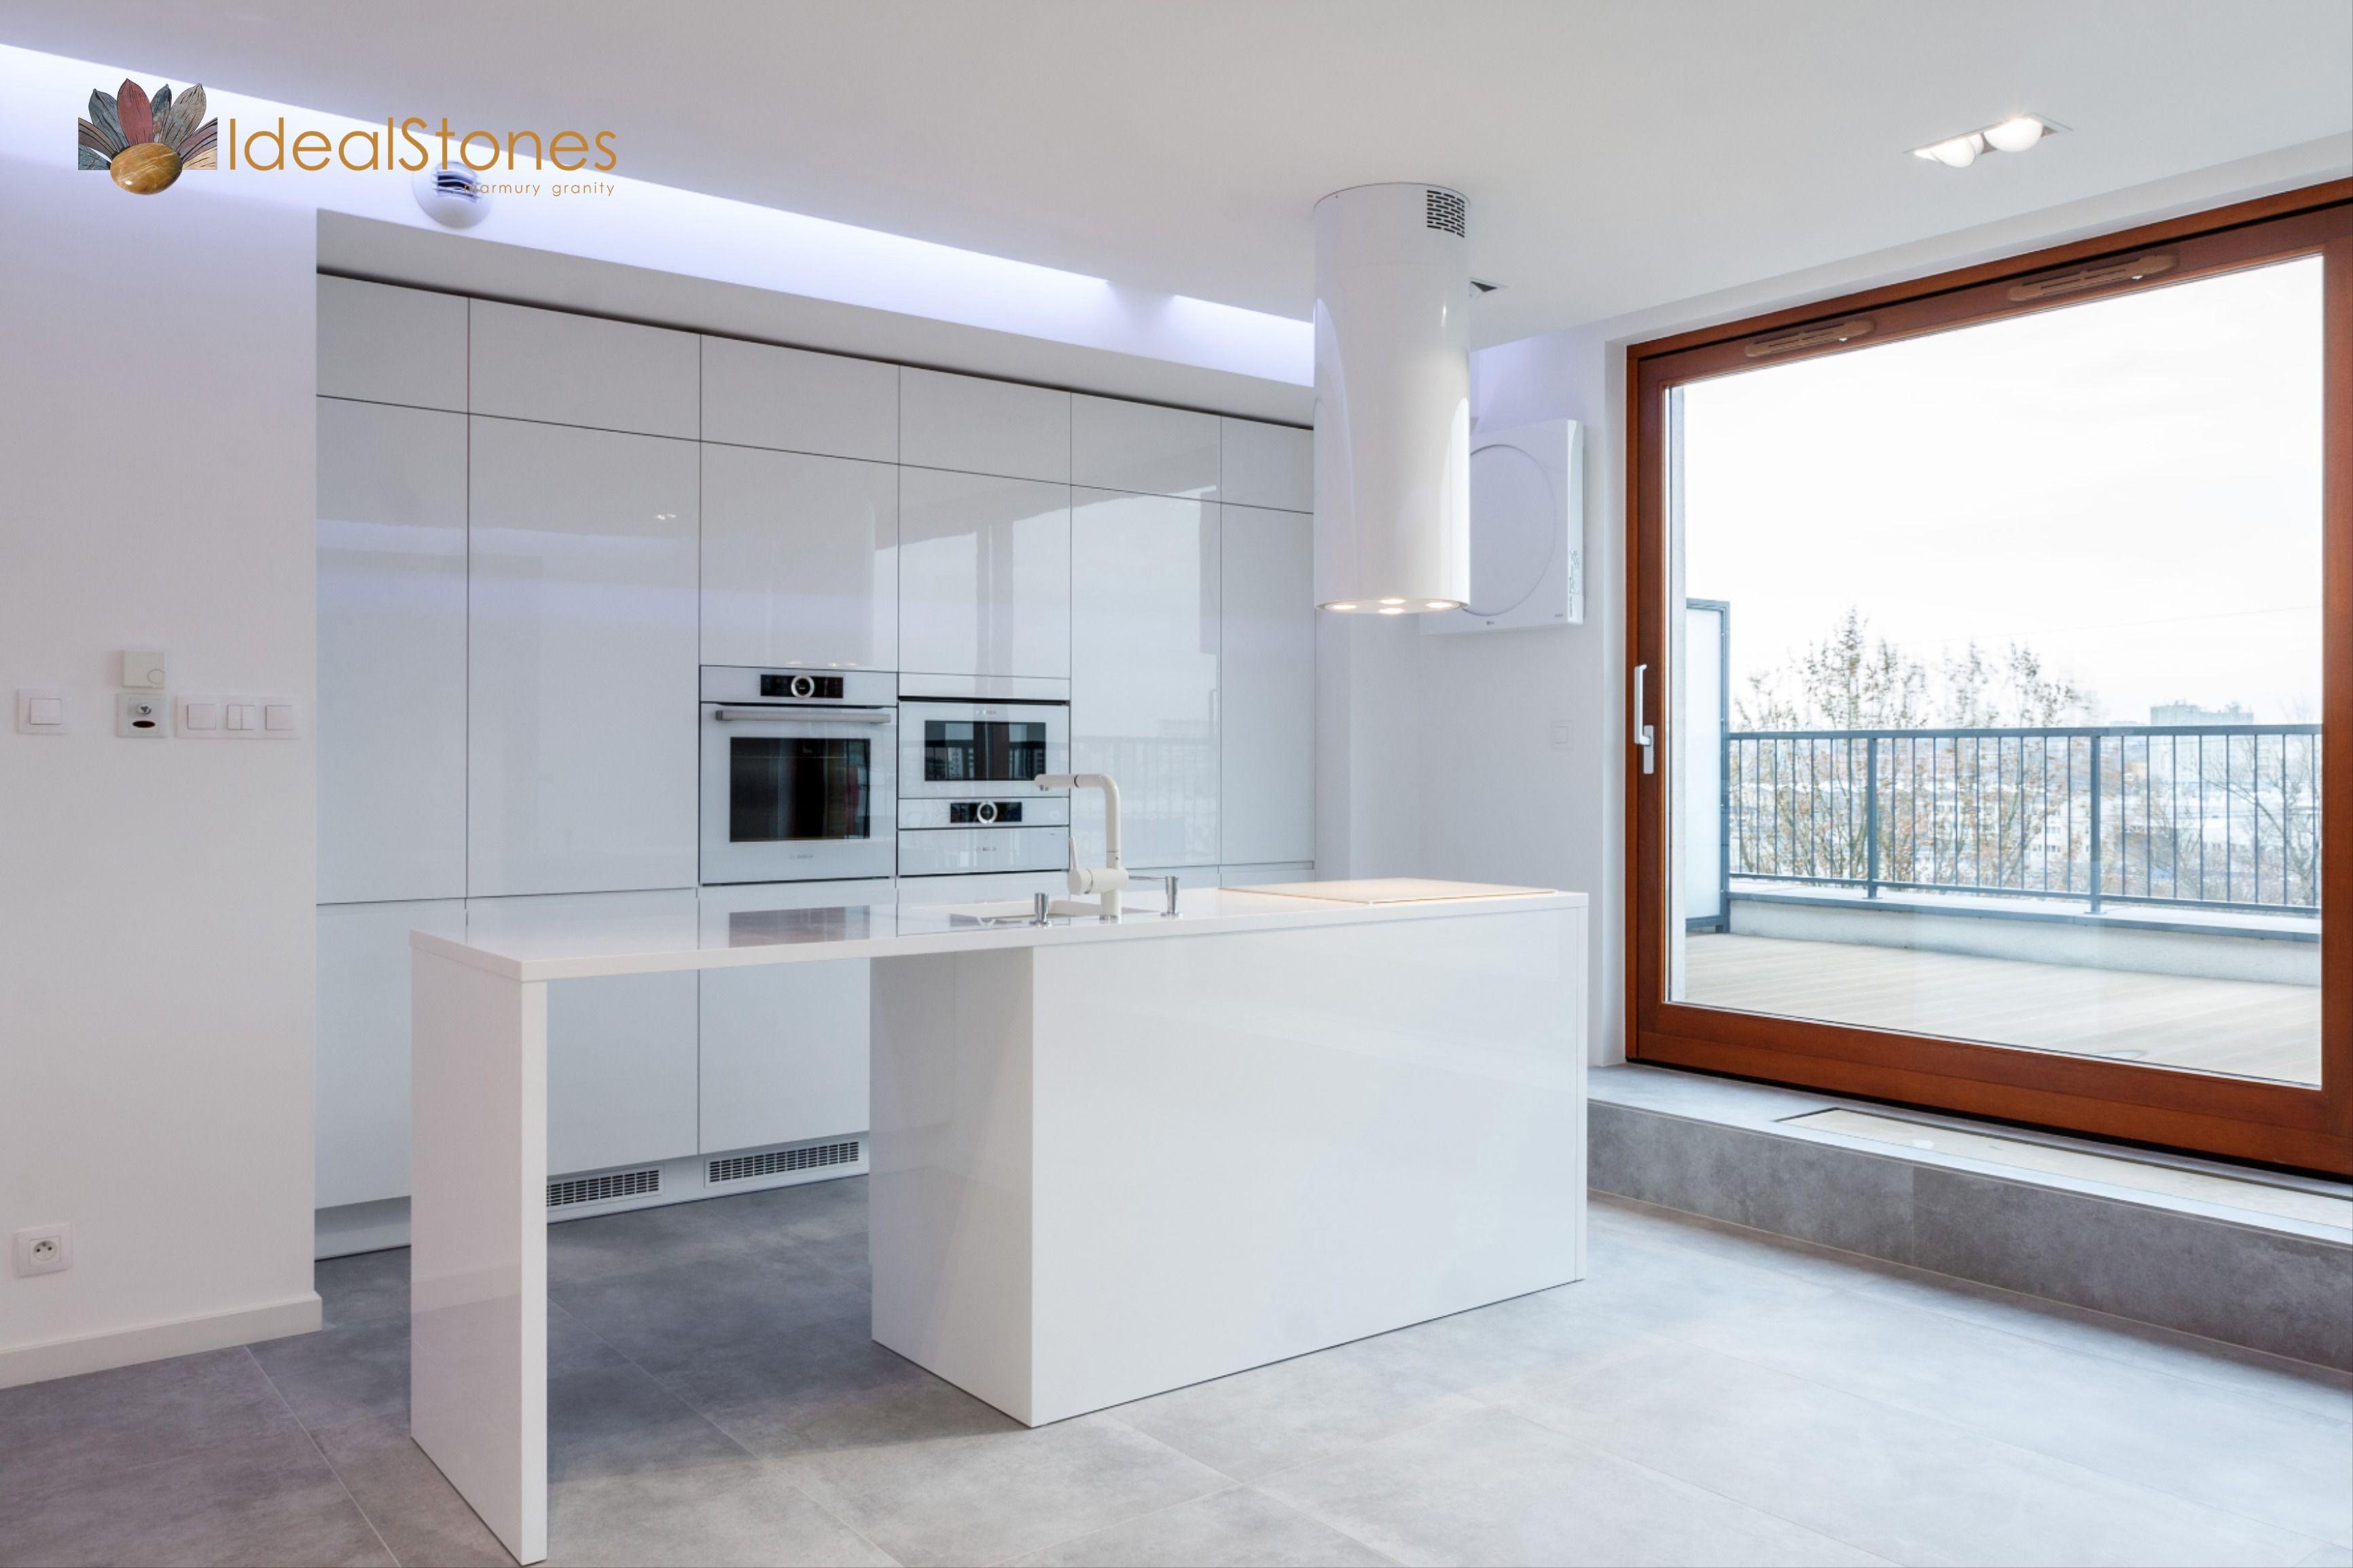 Blat Kamienny Na Wyspe Kuchenna Z Bialego Kwarcytu Ideal Bianco Home Decor Kitchen Decor